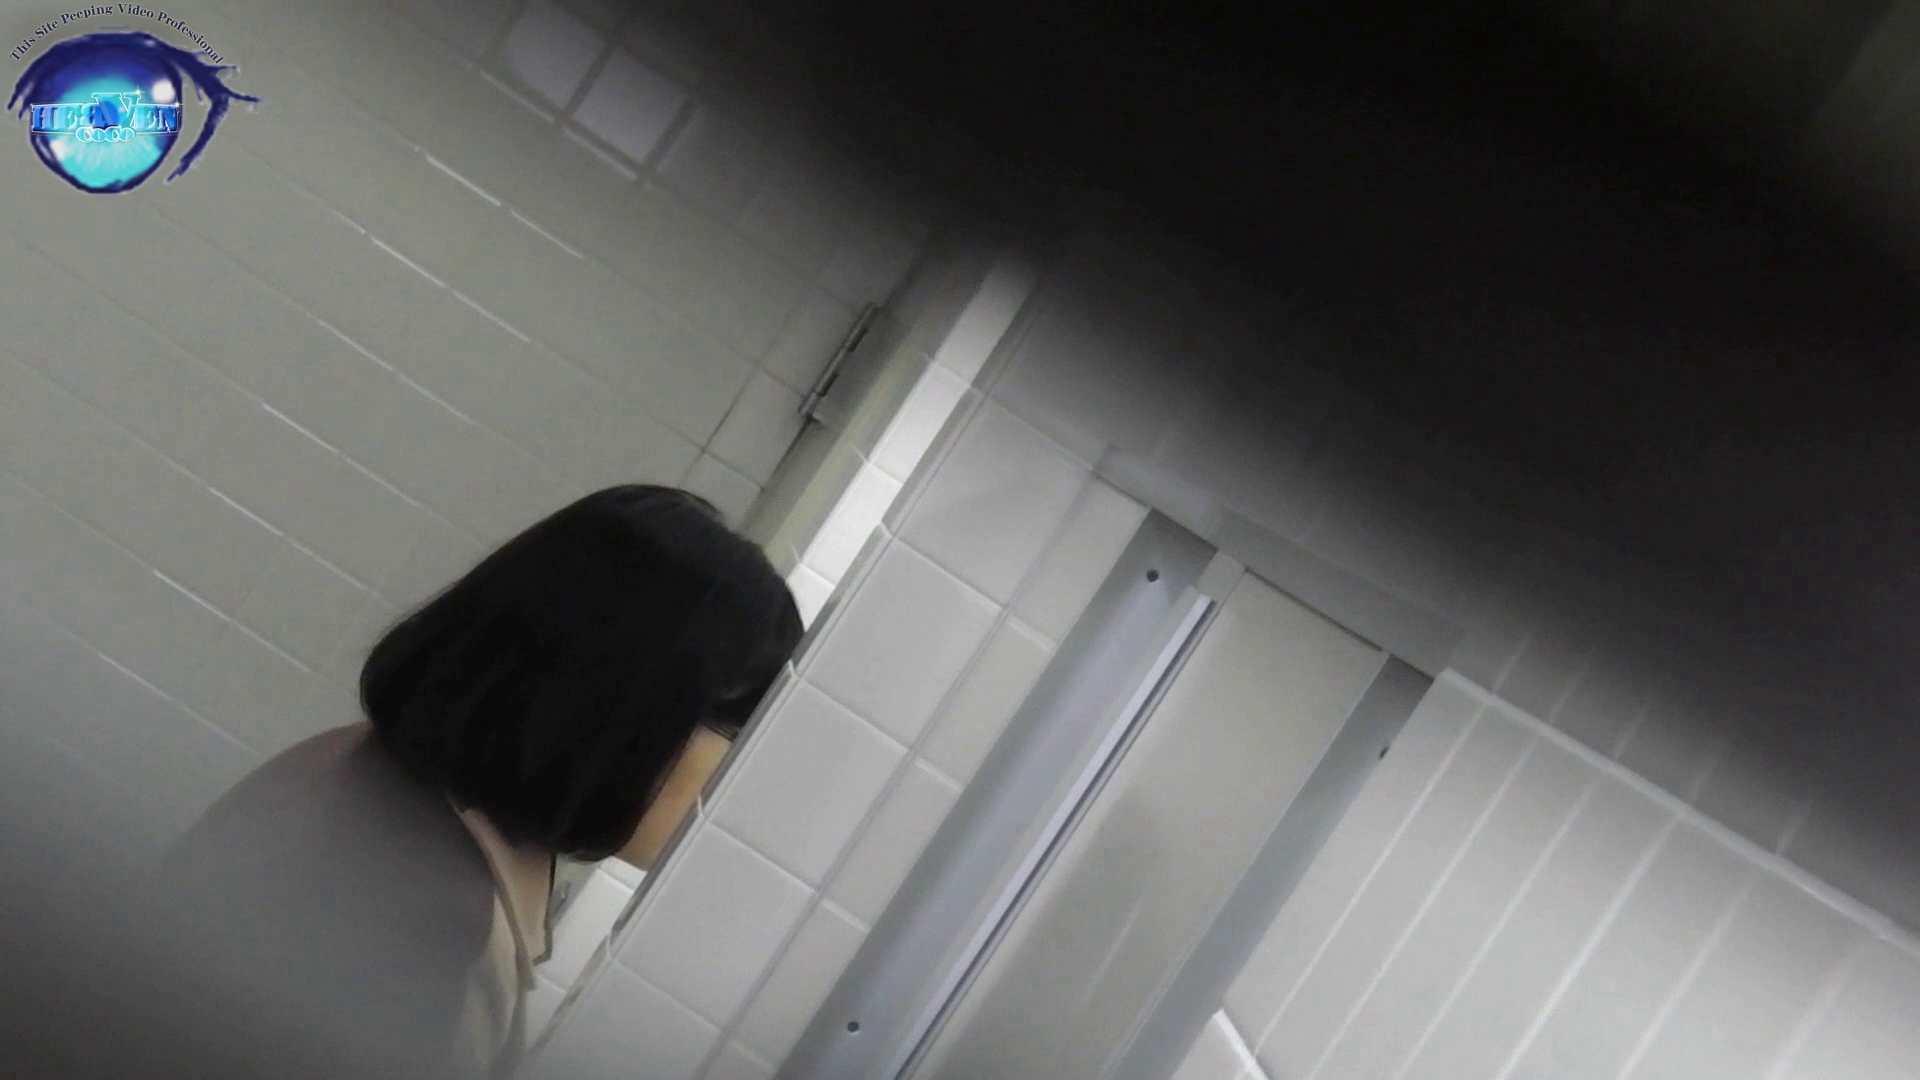 お銀さん vol.59 ピンチ!!「鏡の前で祈る女性」にばれる危機 前編 美人 | 0  96pic 22